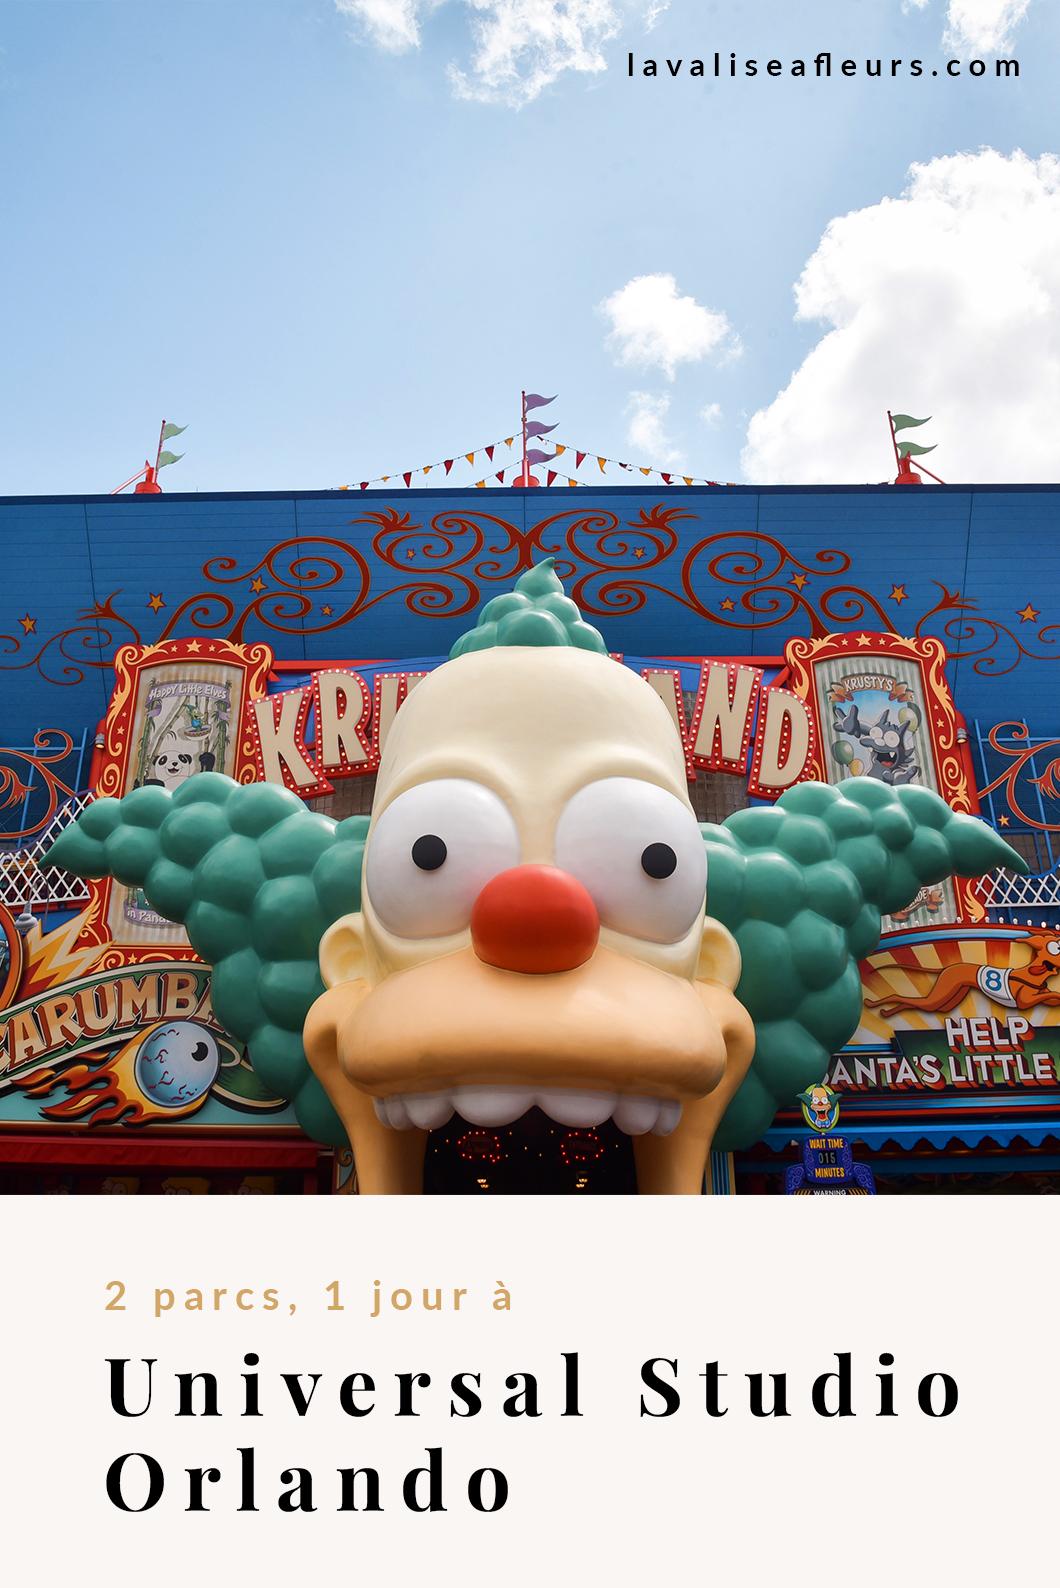 2 parcs 1 jour à Universal Orlando